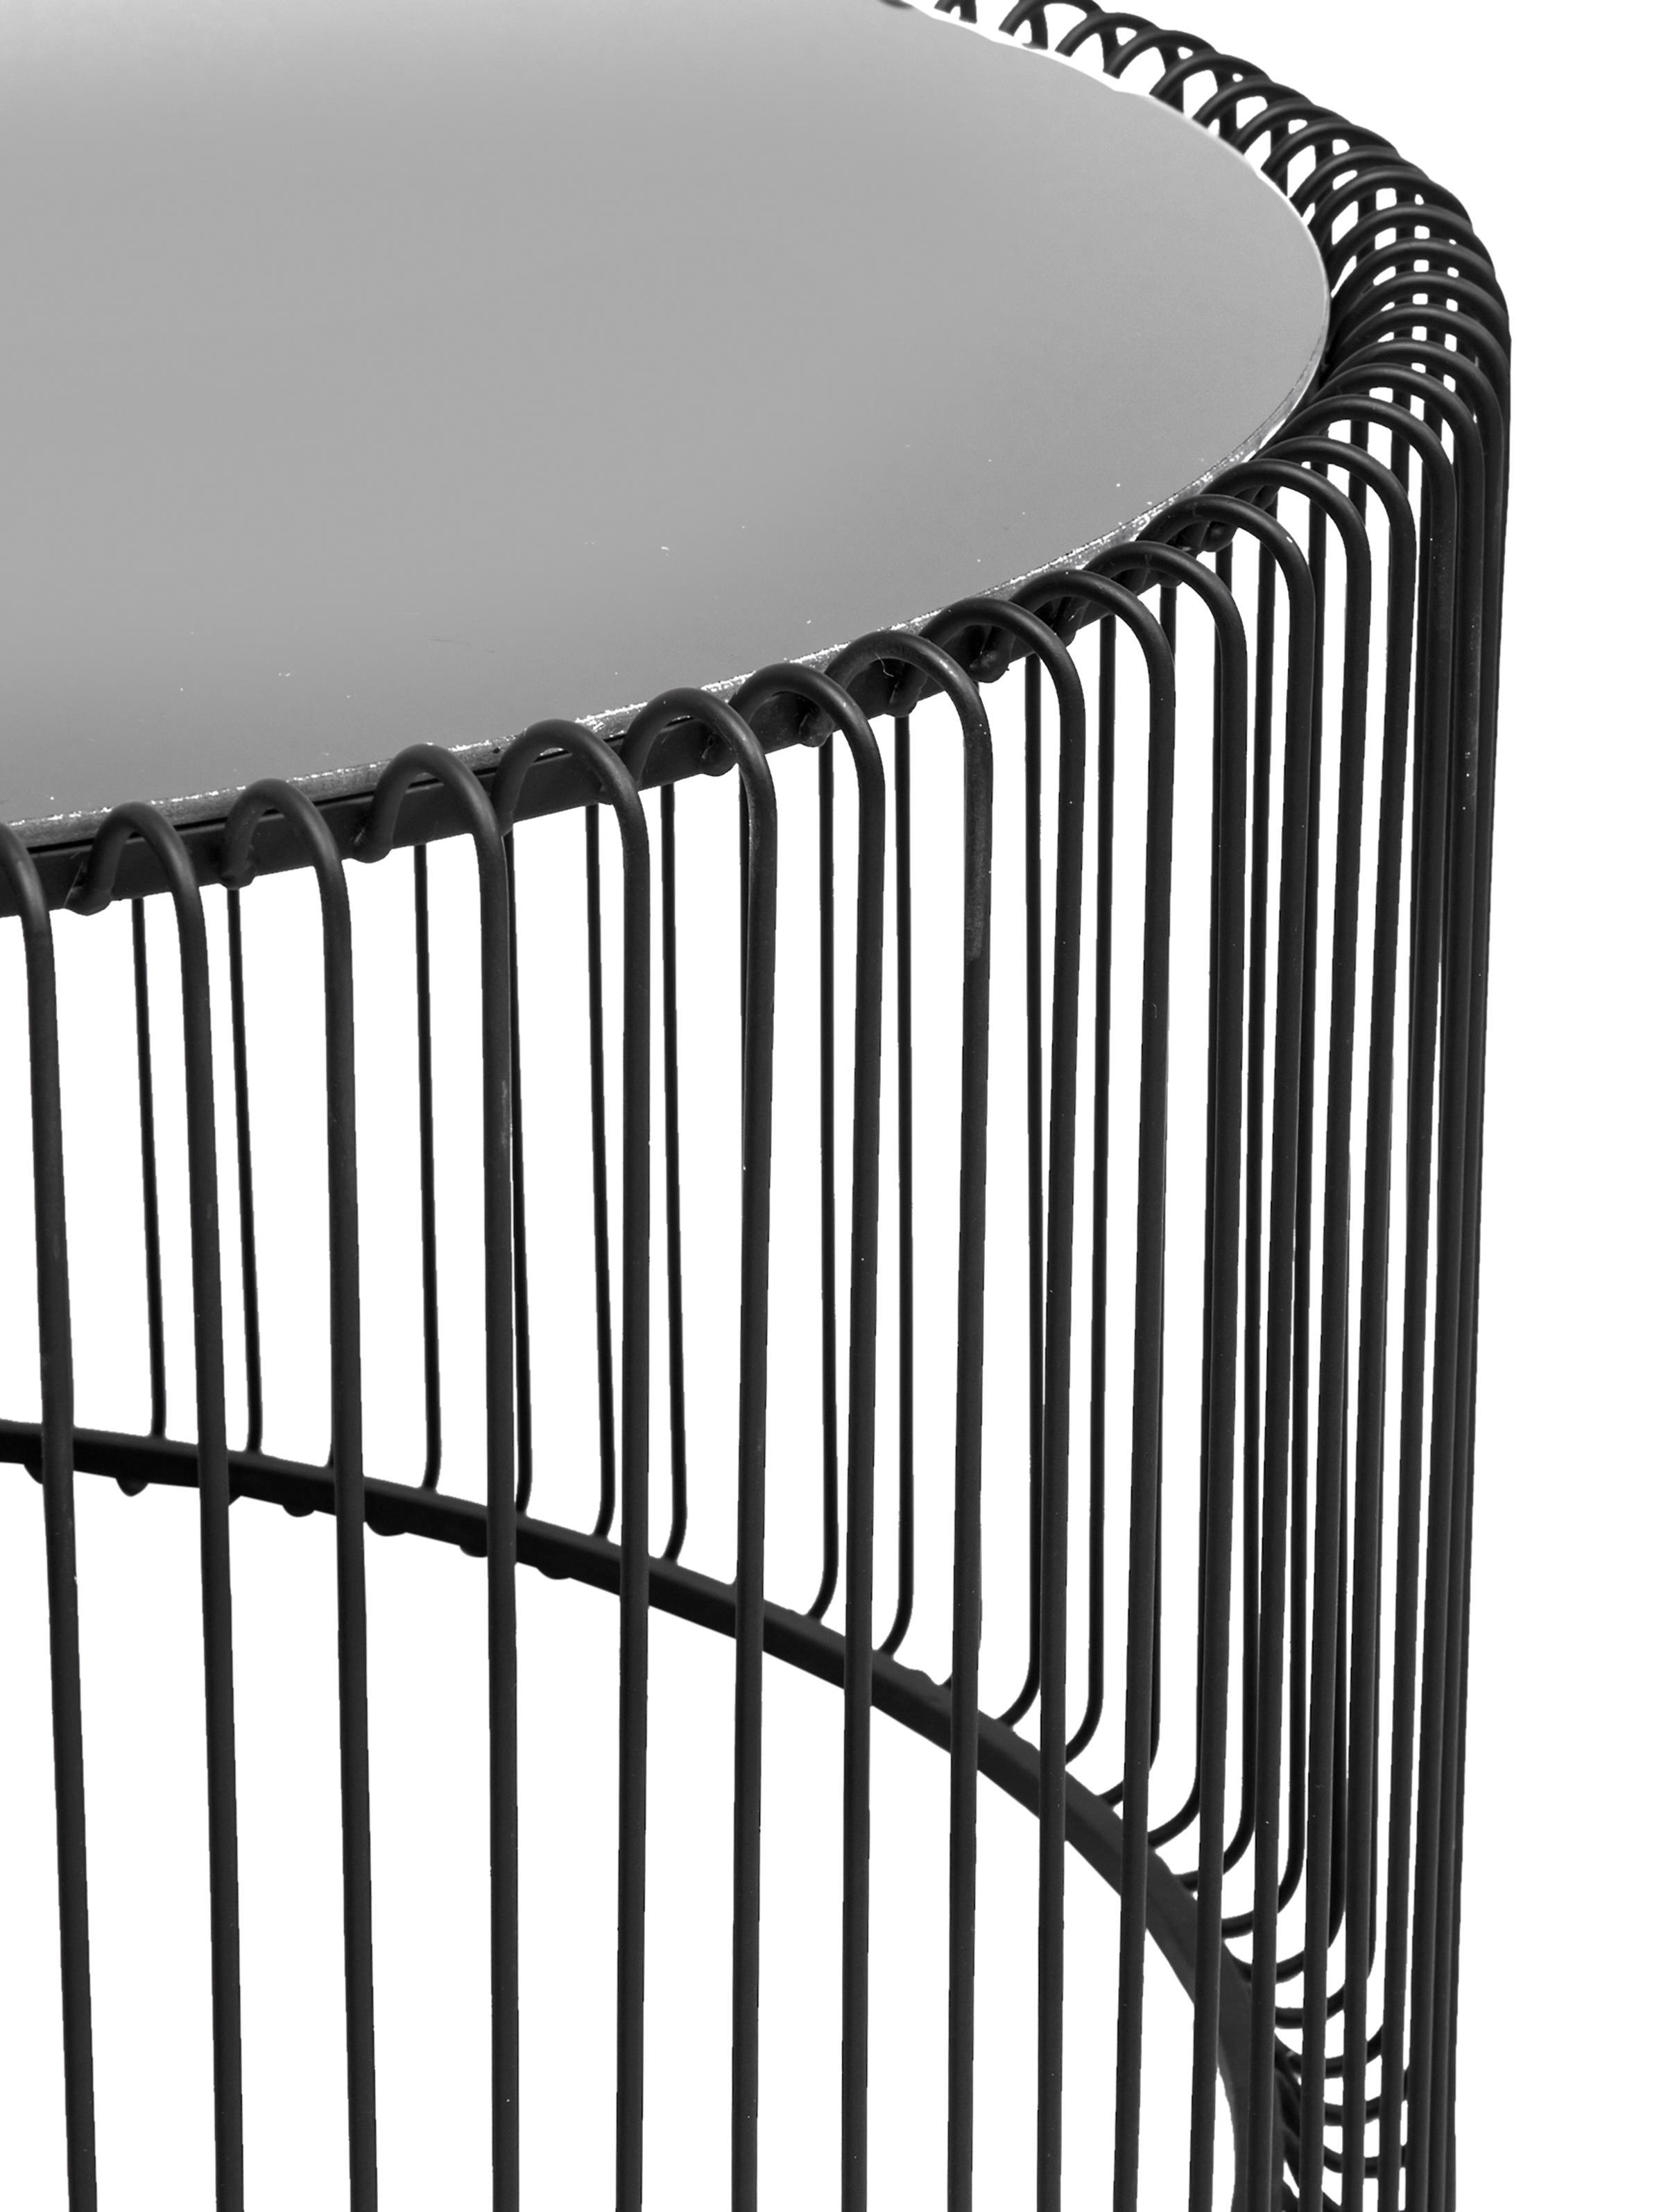 Komplet stolików kawowych z metalu ze szklanym blatem Wire, 2 elem., Stelaż: stal malowana proszkowo, Blat: szkło hartowane, Czarny, Różne rozmiary